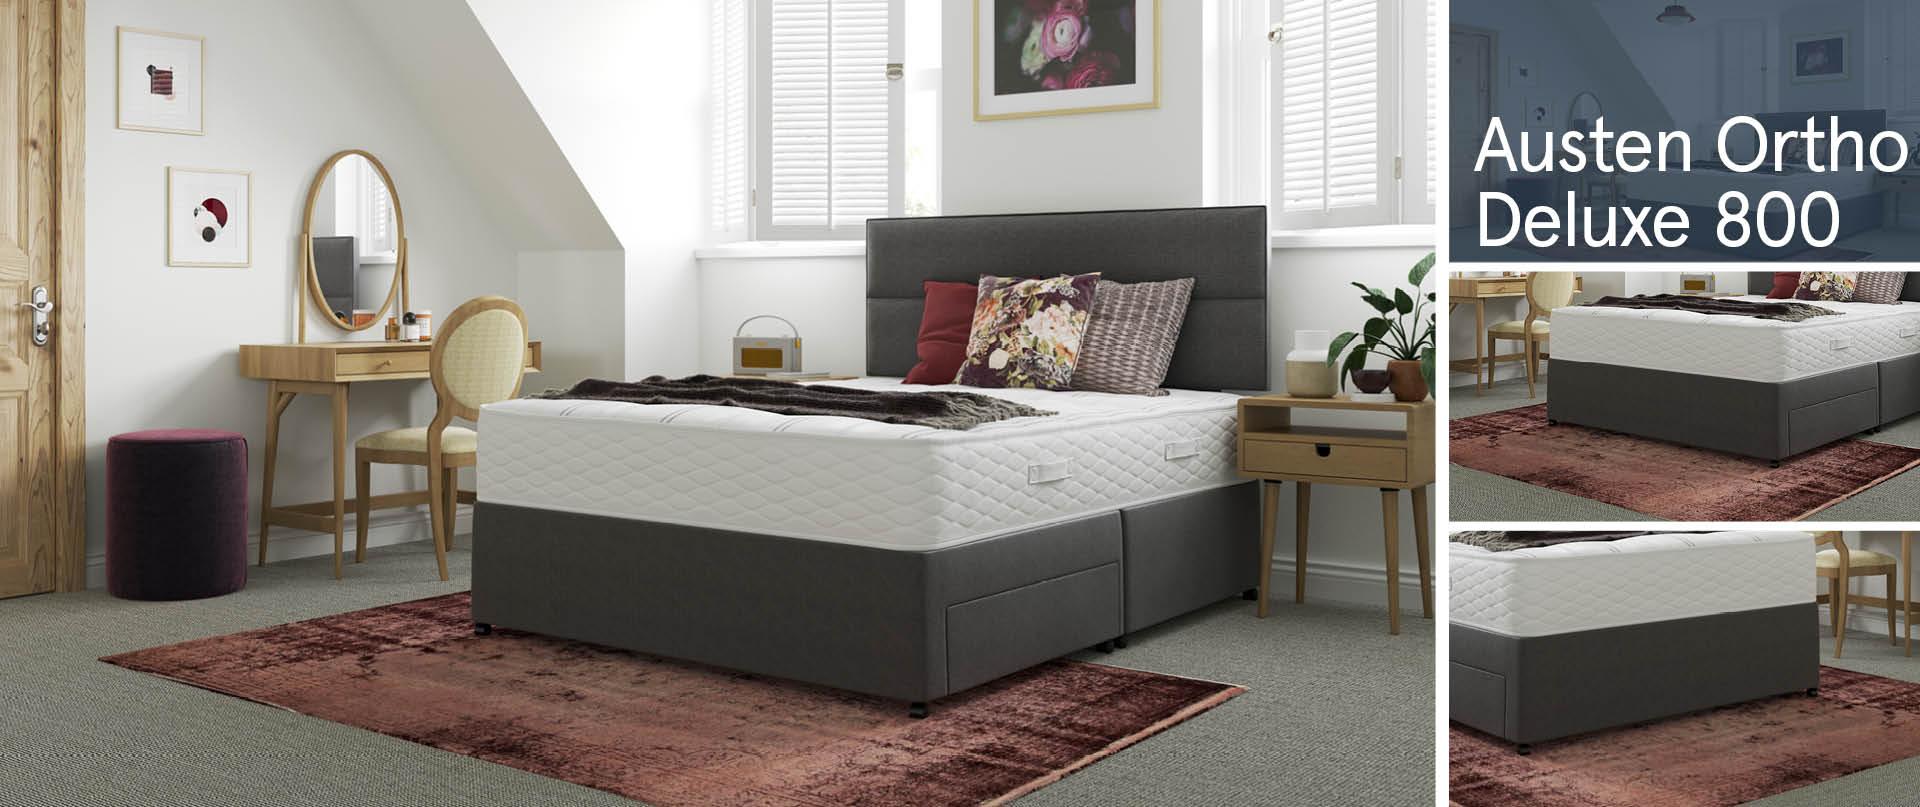 Austen Ortho Deluxe 800 Divan Beds Ranges